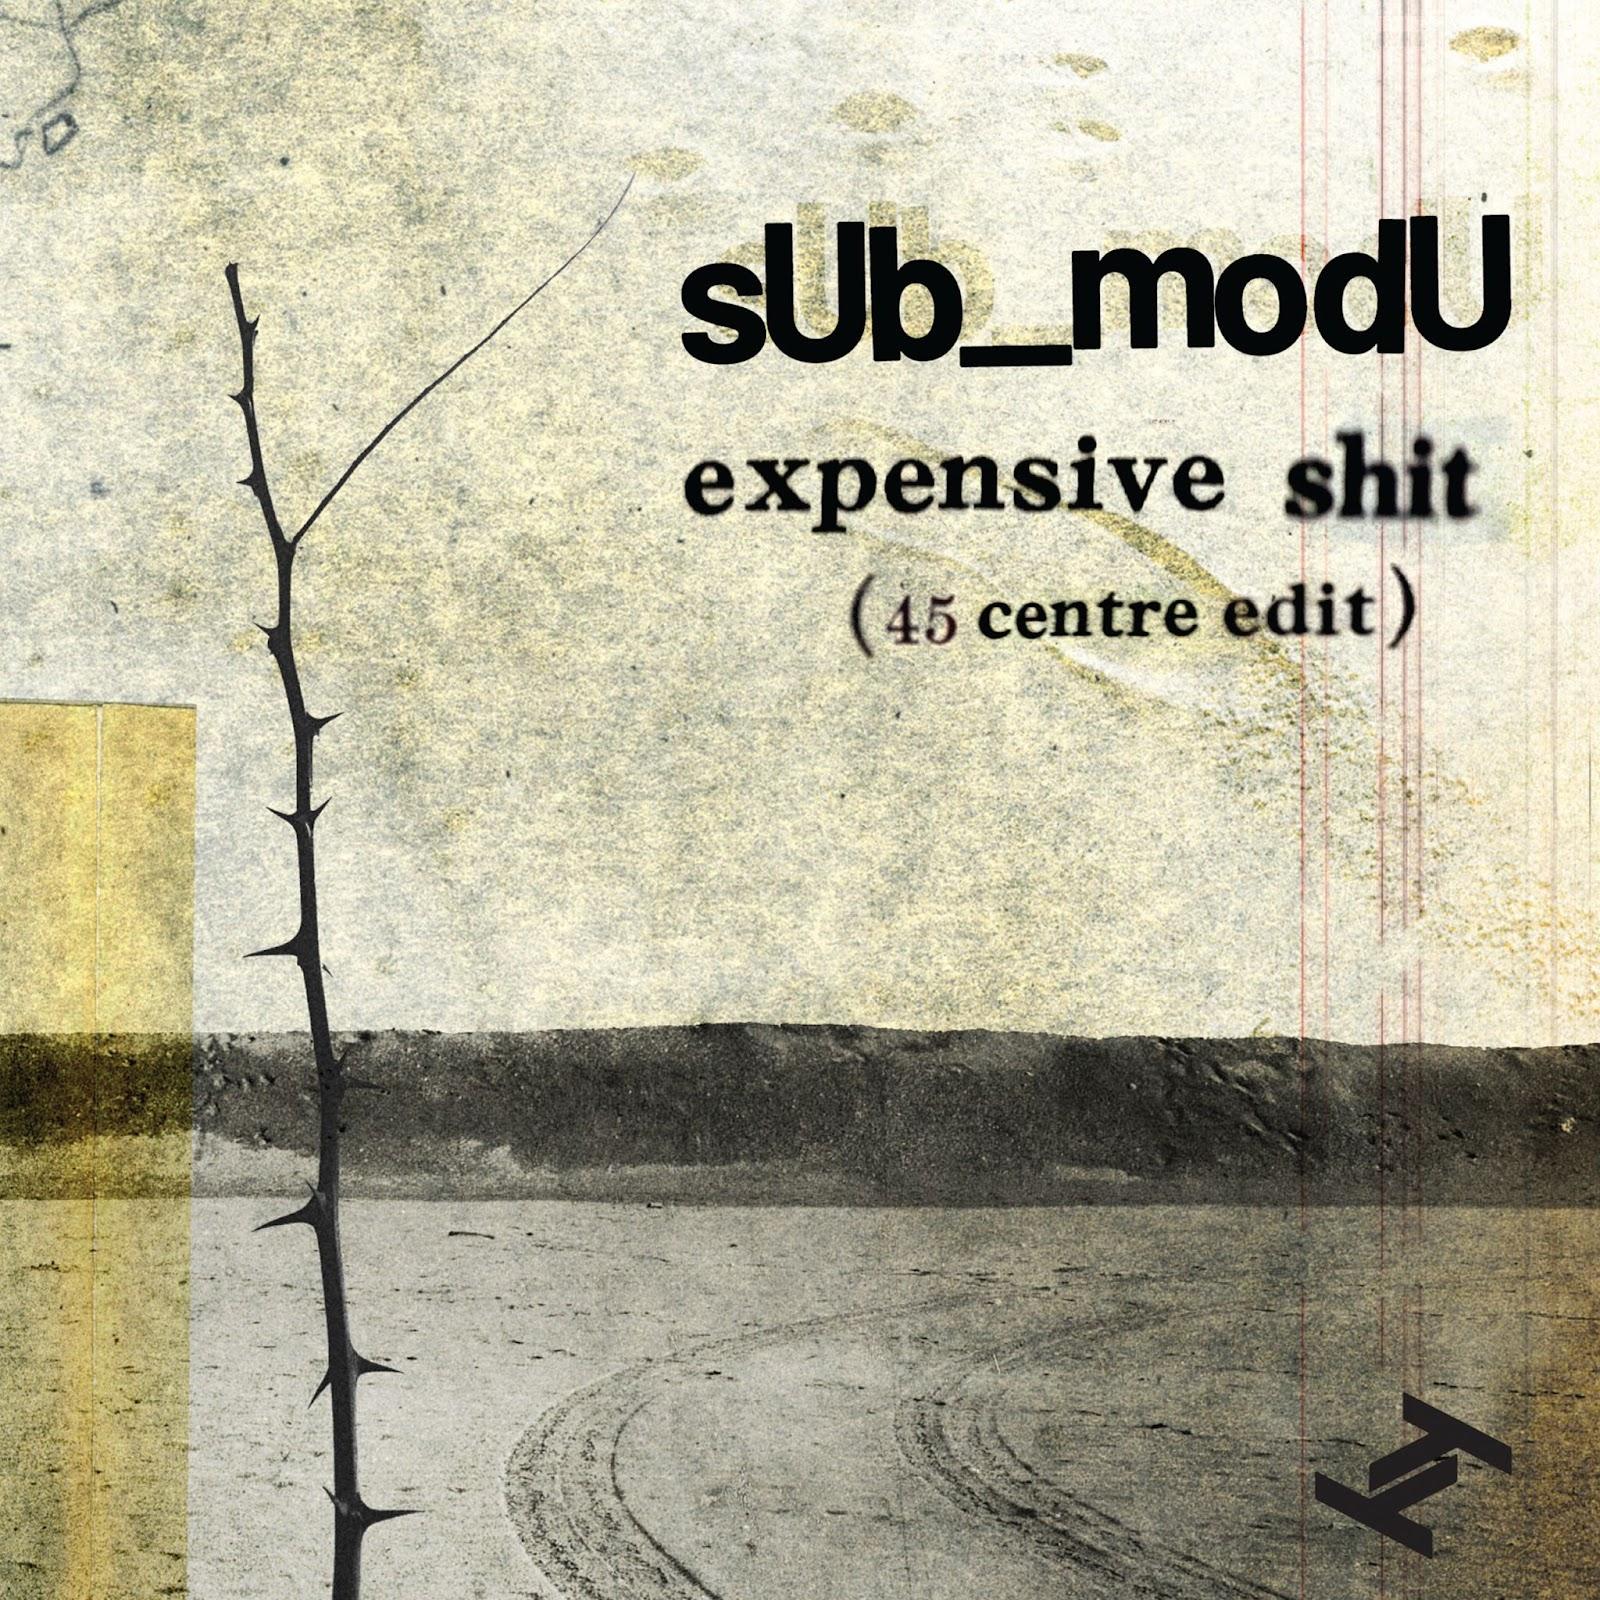 sUb_modU ANNOUNCES DEBUT ALBUM 'DESCENT TO THE CENTRE'